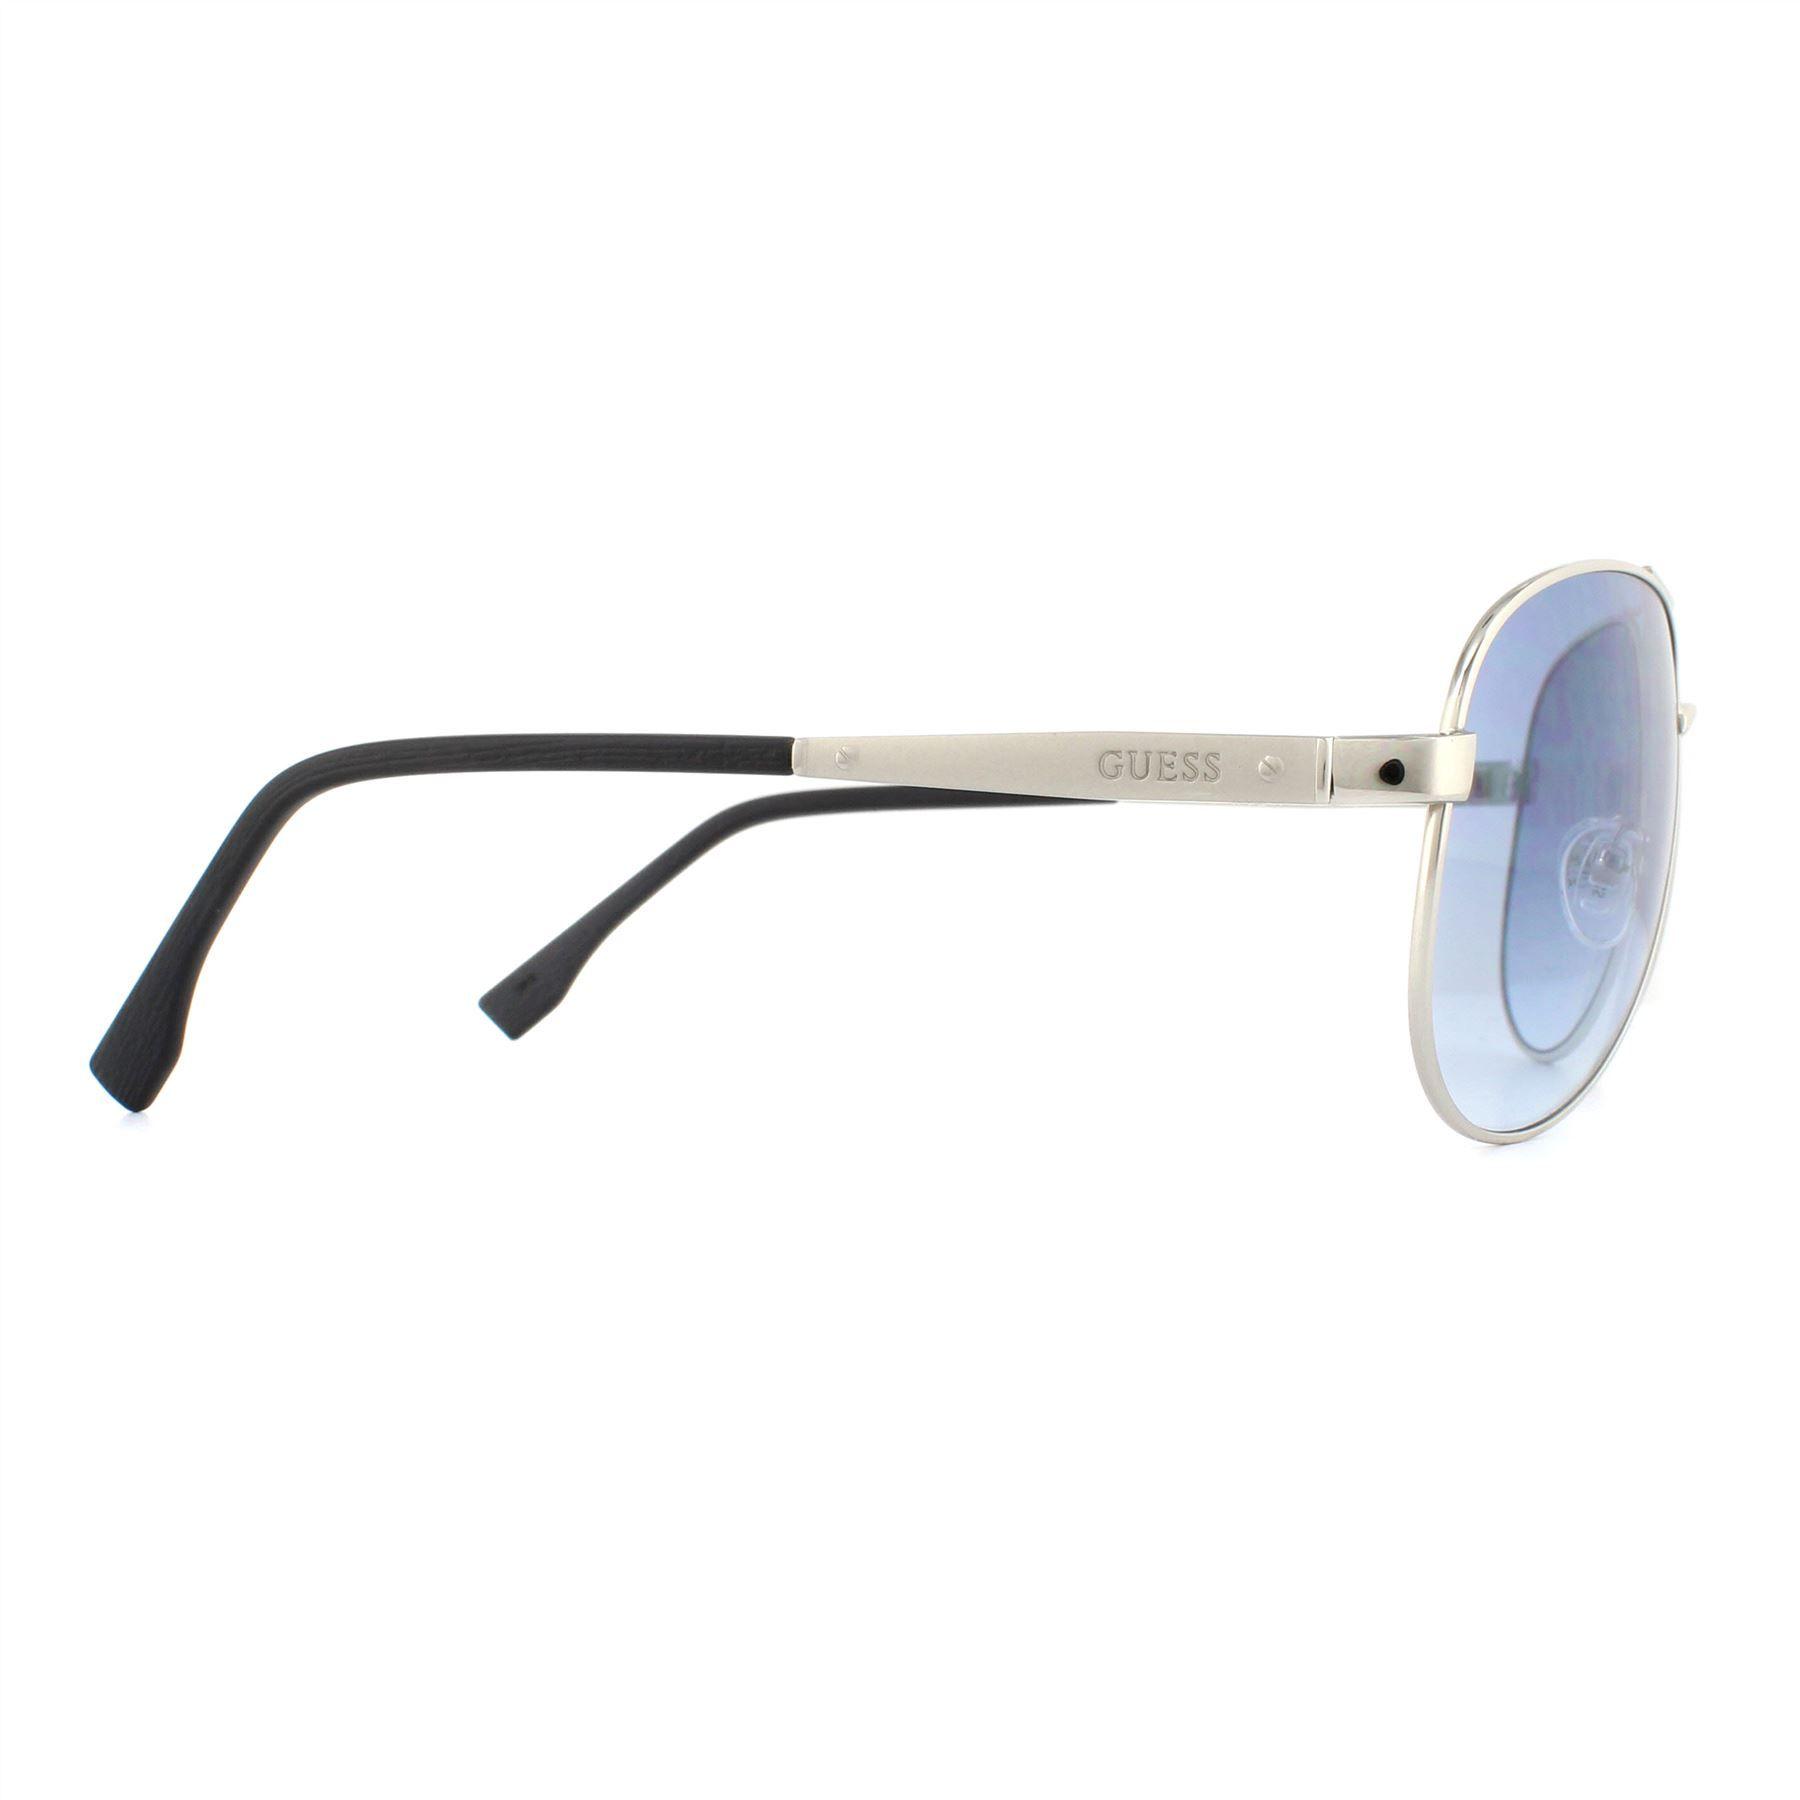 Guess Sunglasses GU6829 Q98 Silver Blue Gradient